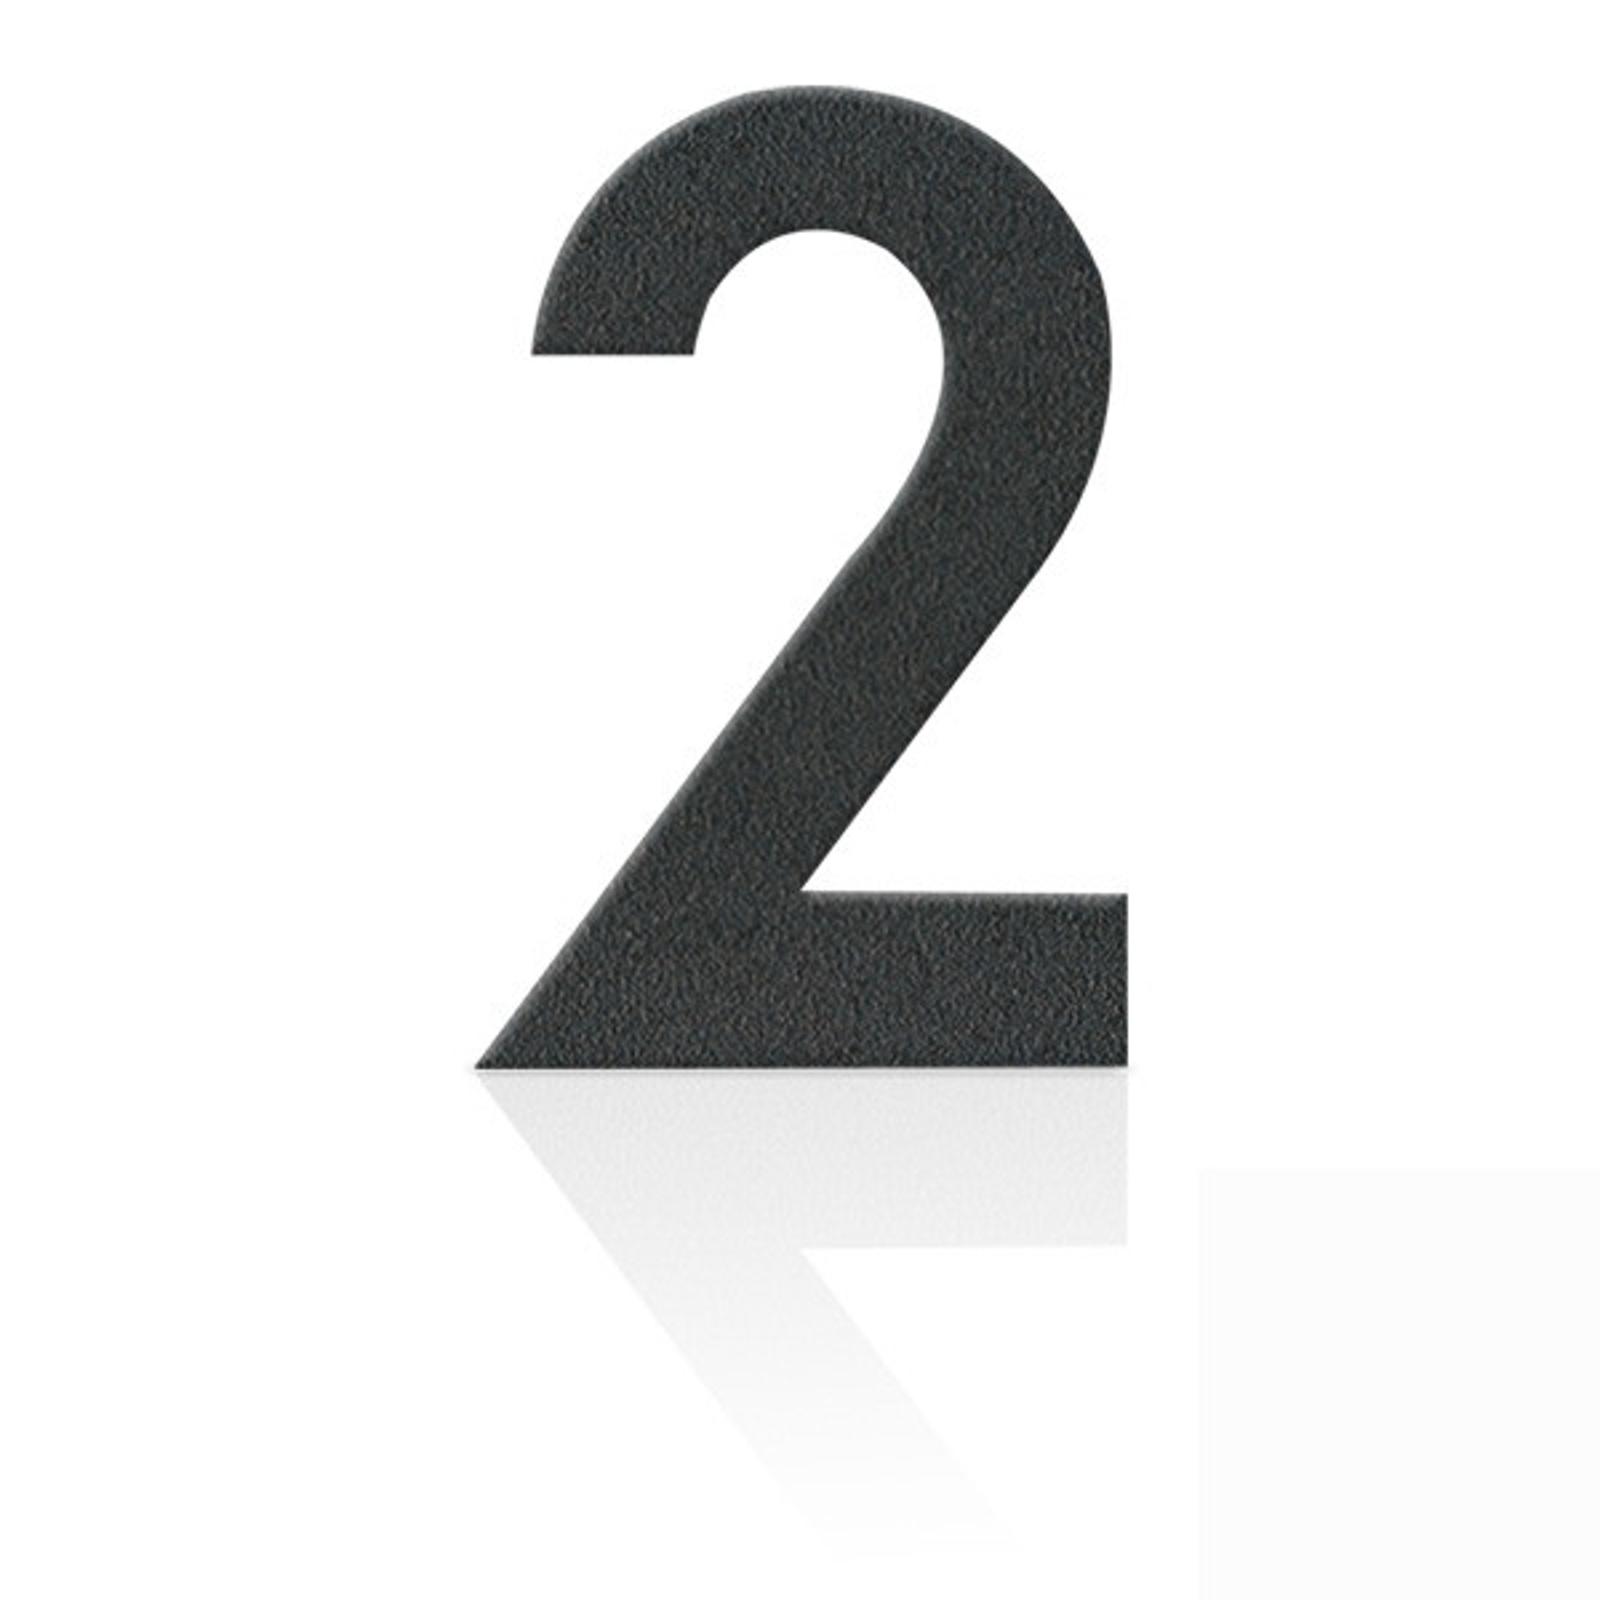 Produktové foto Heibi Nerezová domovní čísla číslice 2, grafit šedý